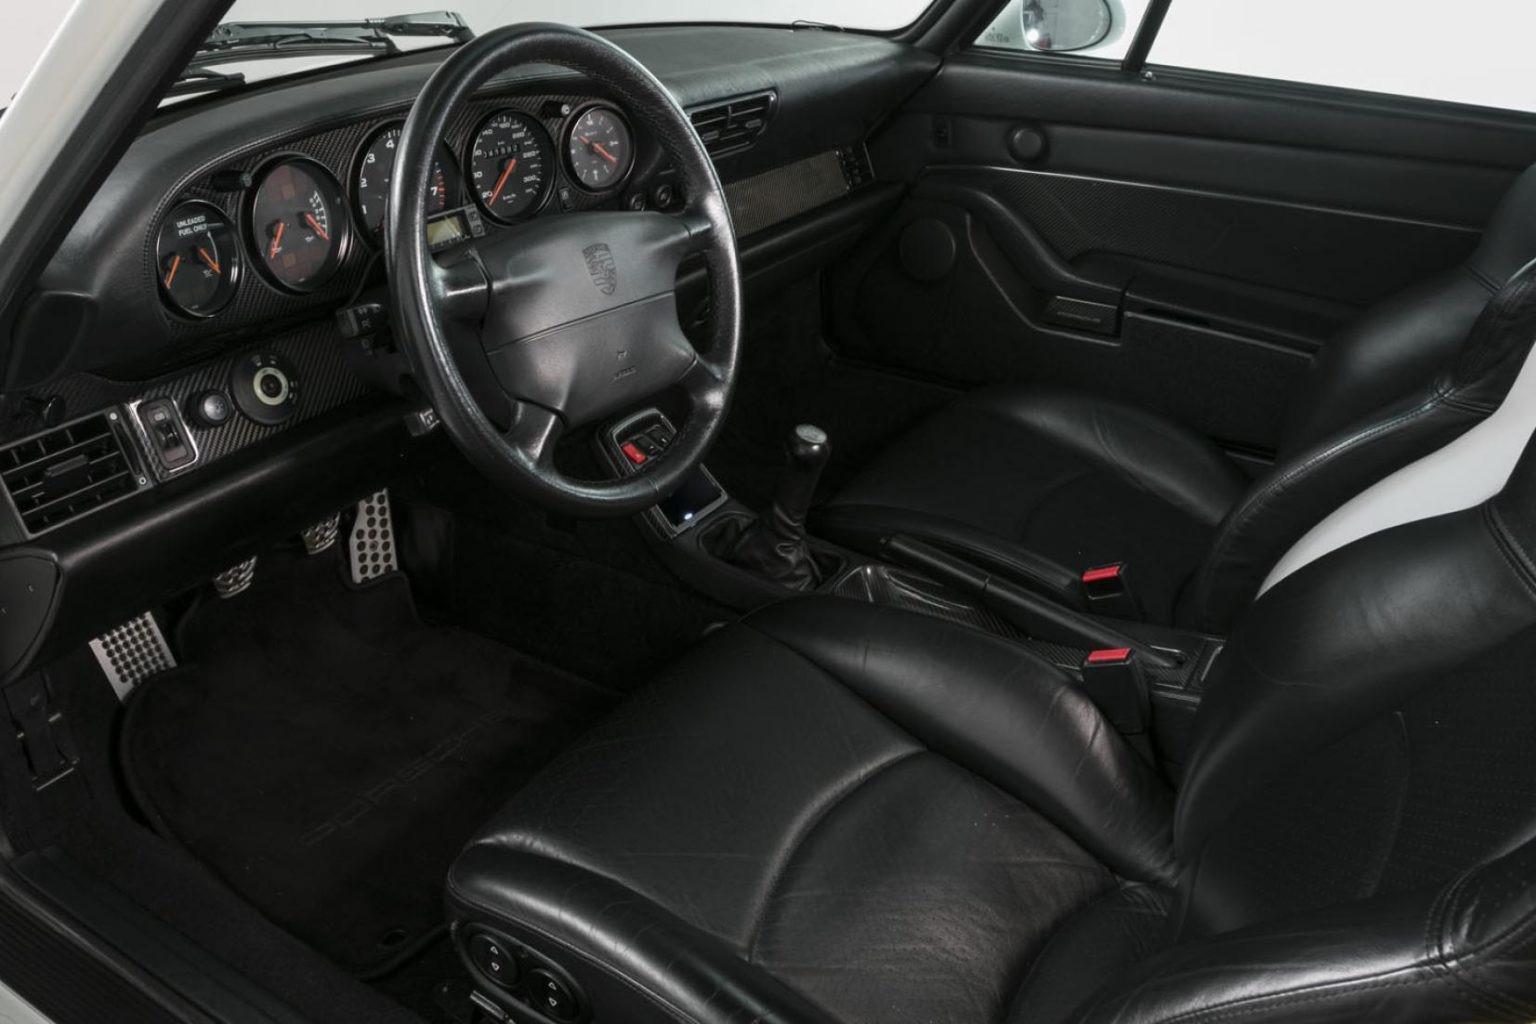 bienvenue-a-bord-de-la-911-turbo-des-annees-70-a-nos-jours-1276-3.jpg